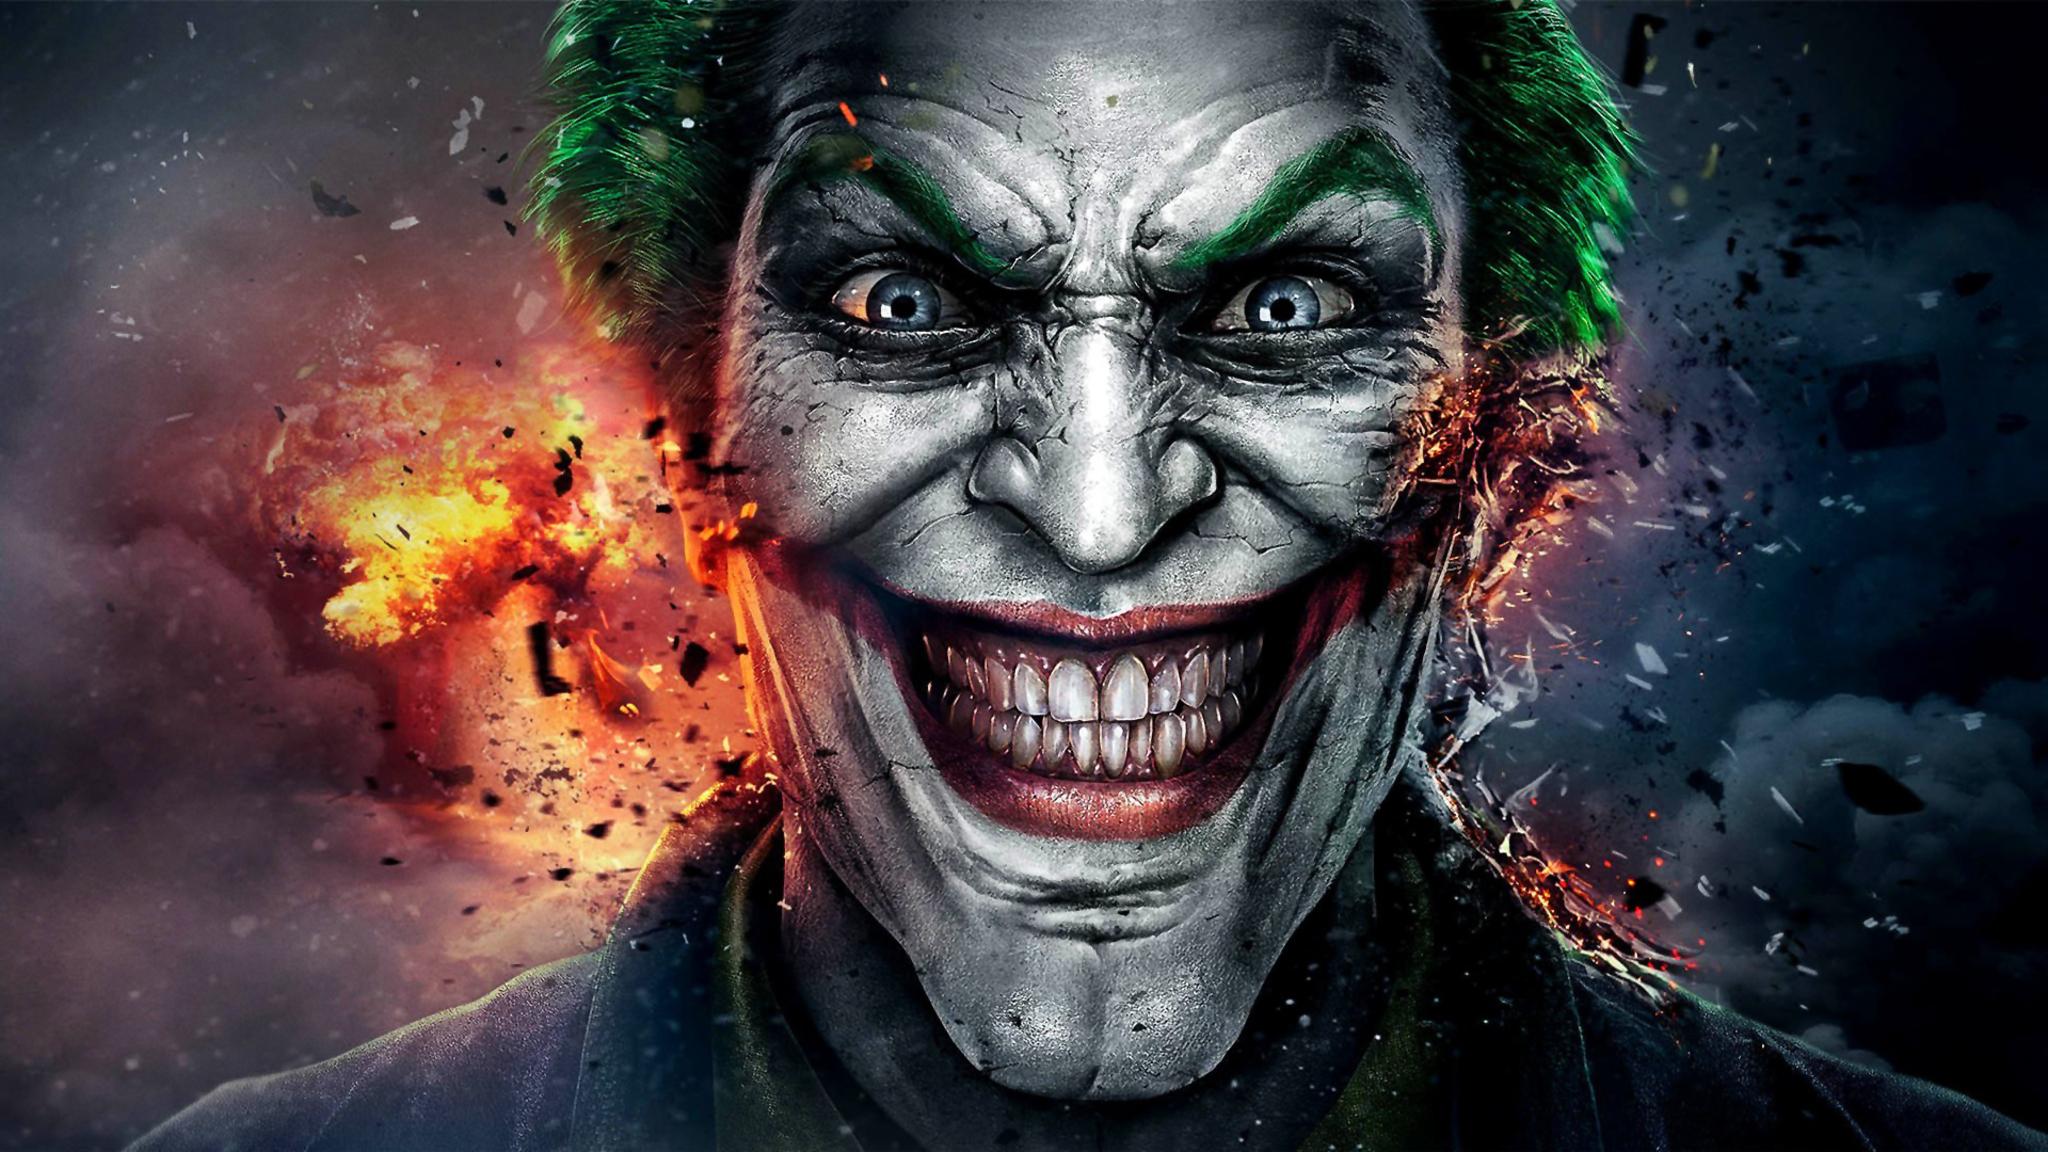 2048x1152 the joker fan art 2048x1152 resolution hd 4k for Joker wallpaper 4k